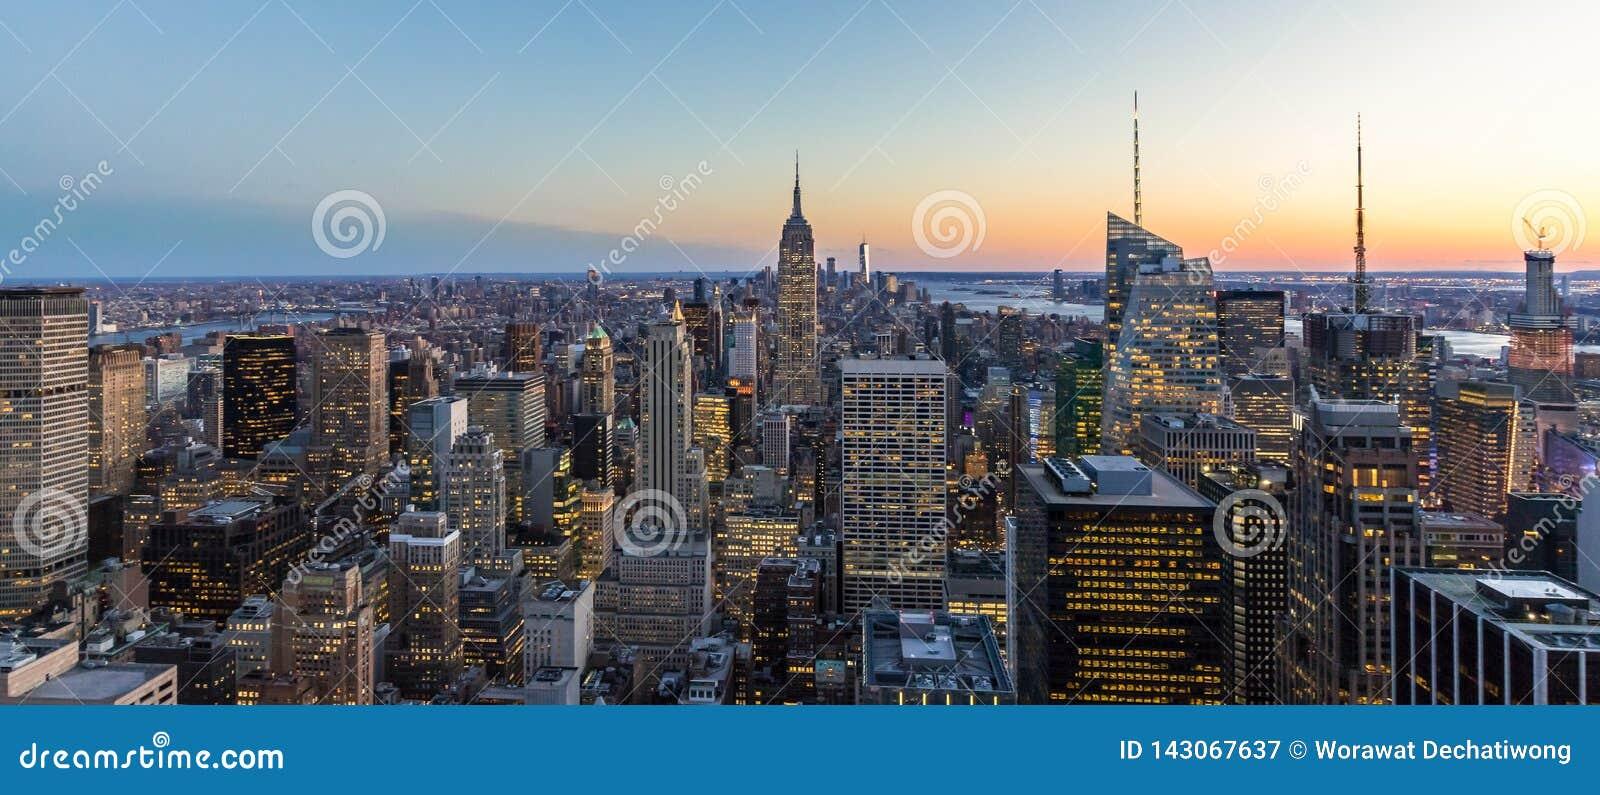 纽约地平线全景照片在有帝国大厦和摩天大楼的曼哈顿街市在晚上美国